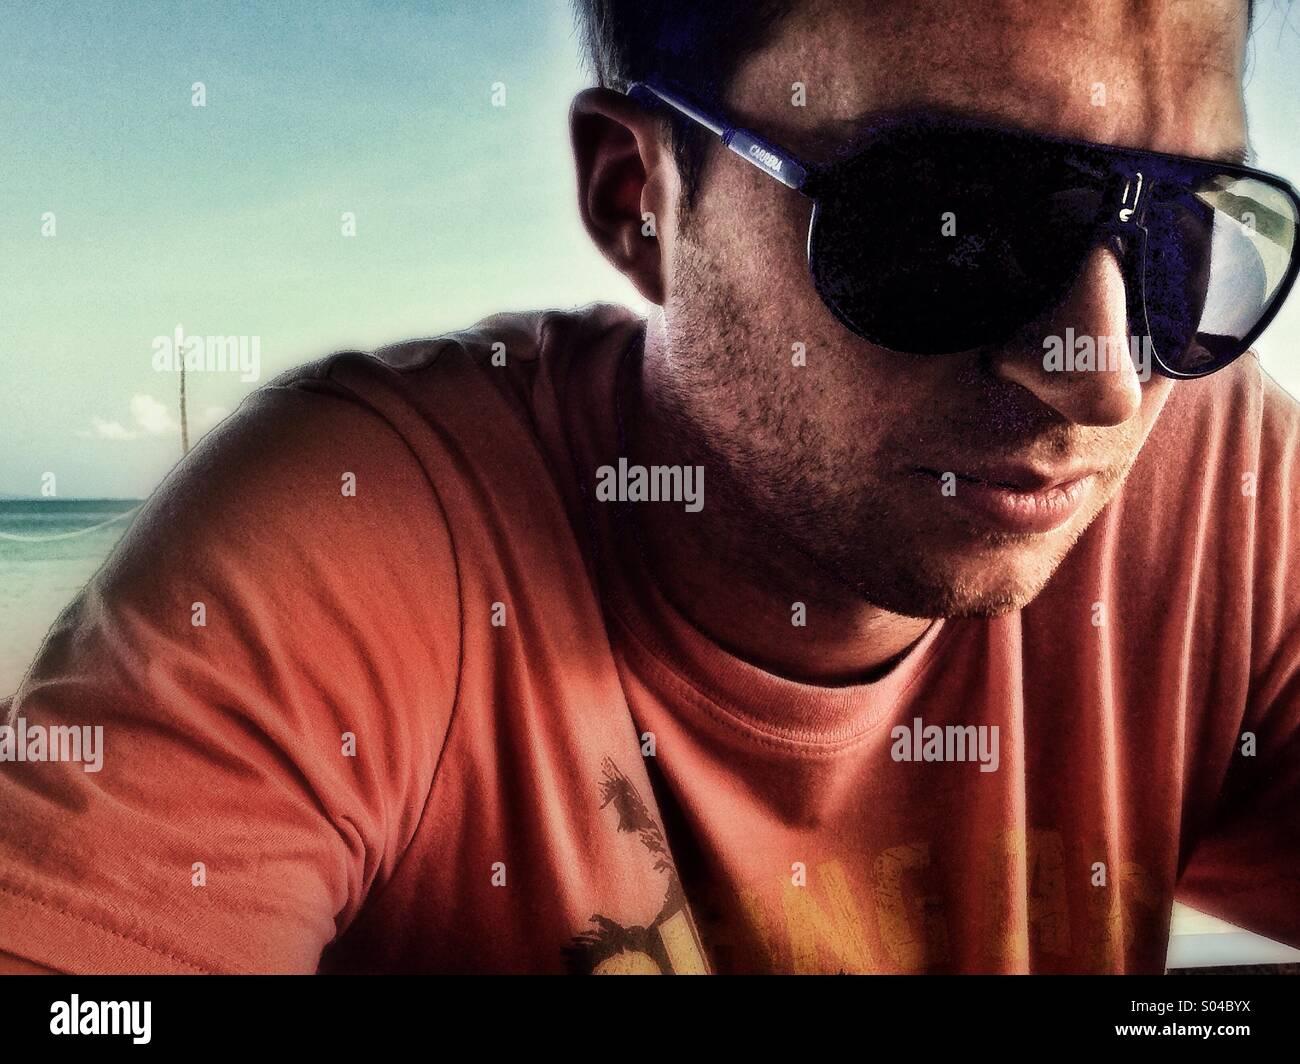 Uomo sulla spiaggia con la maglietta arancione e occhiali da sole, cercando riflessivo, Dj Immagini Stock